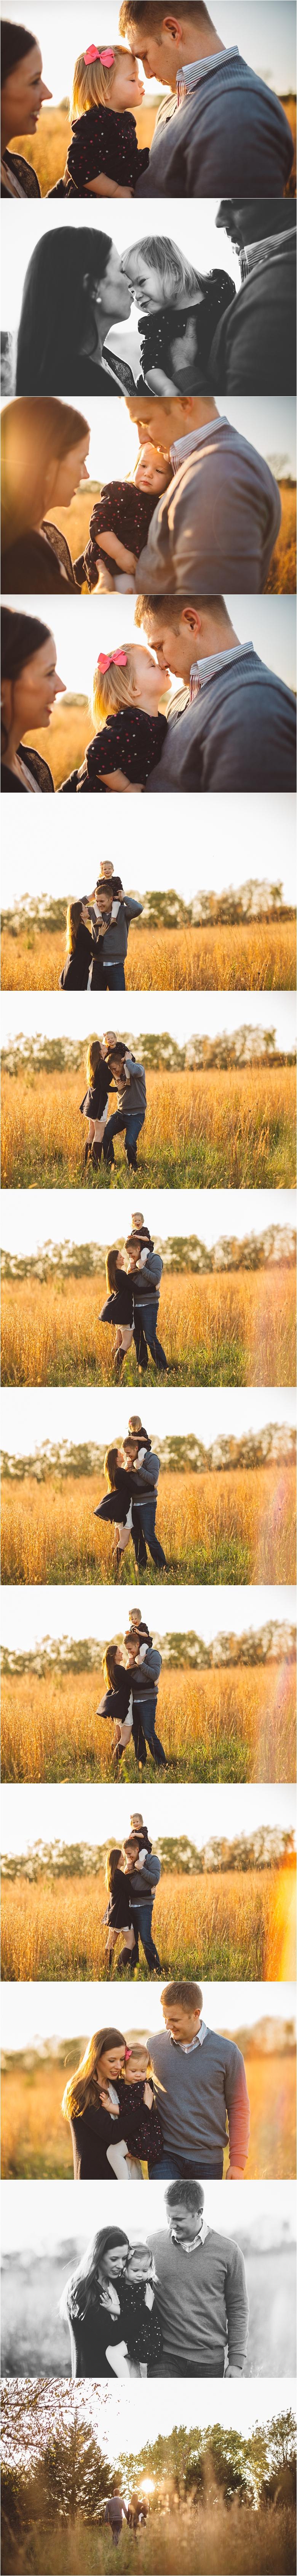 kansascitysbestfamilyphotographer_0019